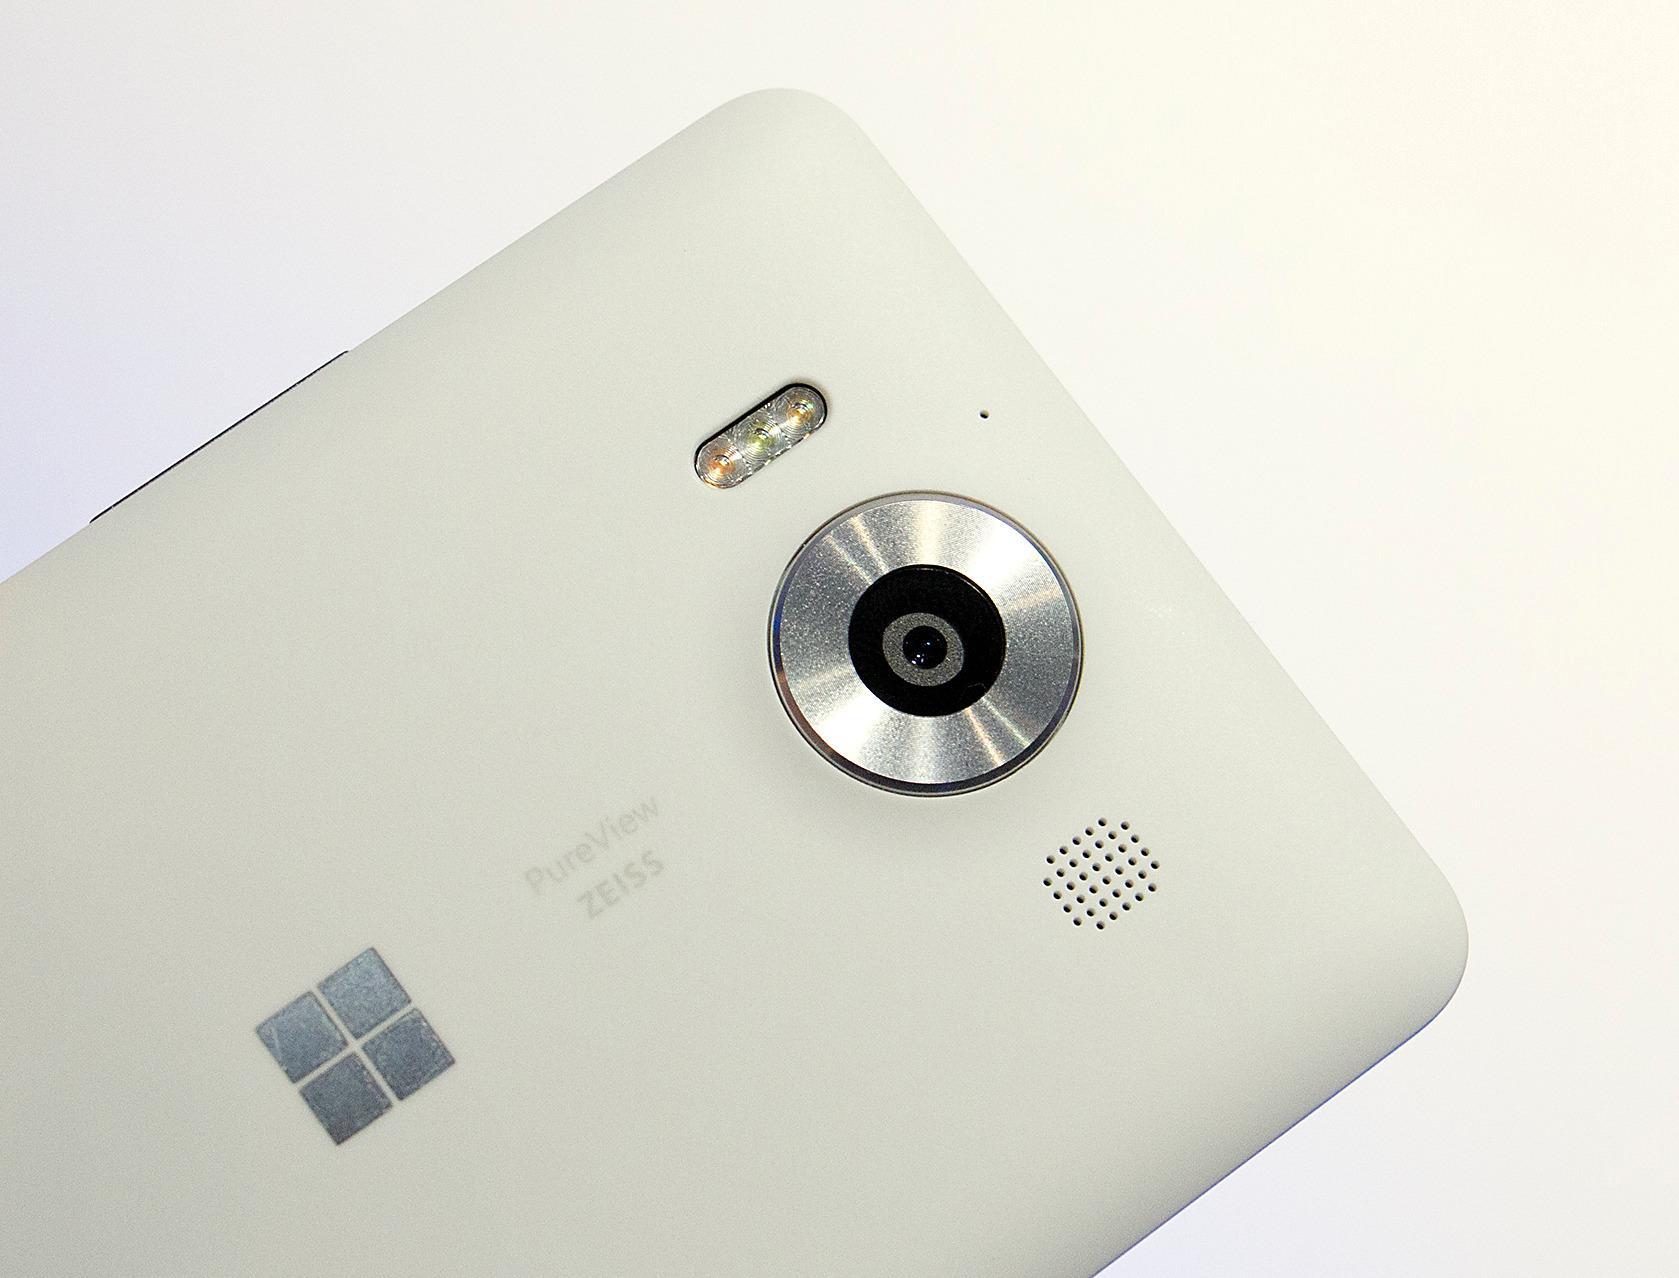 Kameraet på baksiden er på 20 megapiksler. Foto: Kurt Lekanger, Tek.no